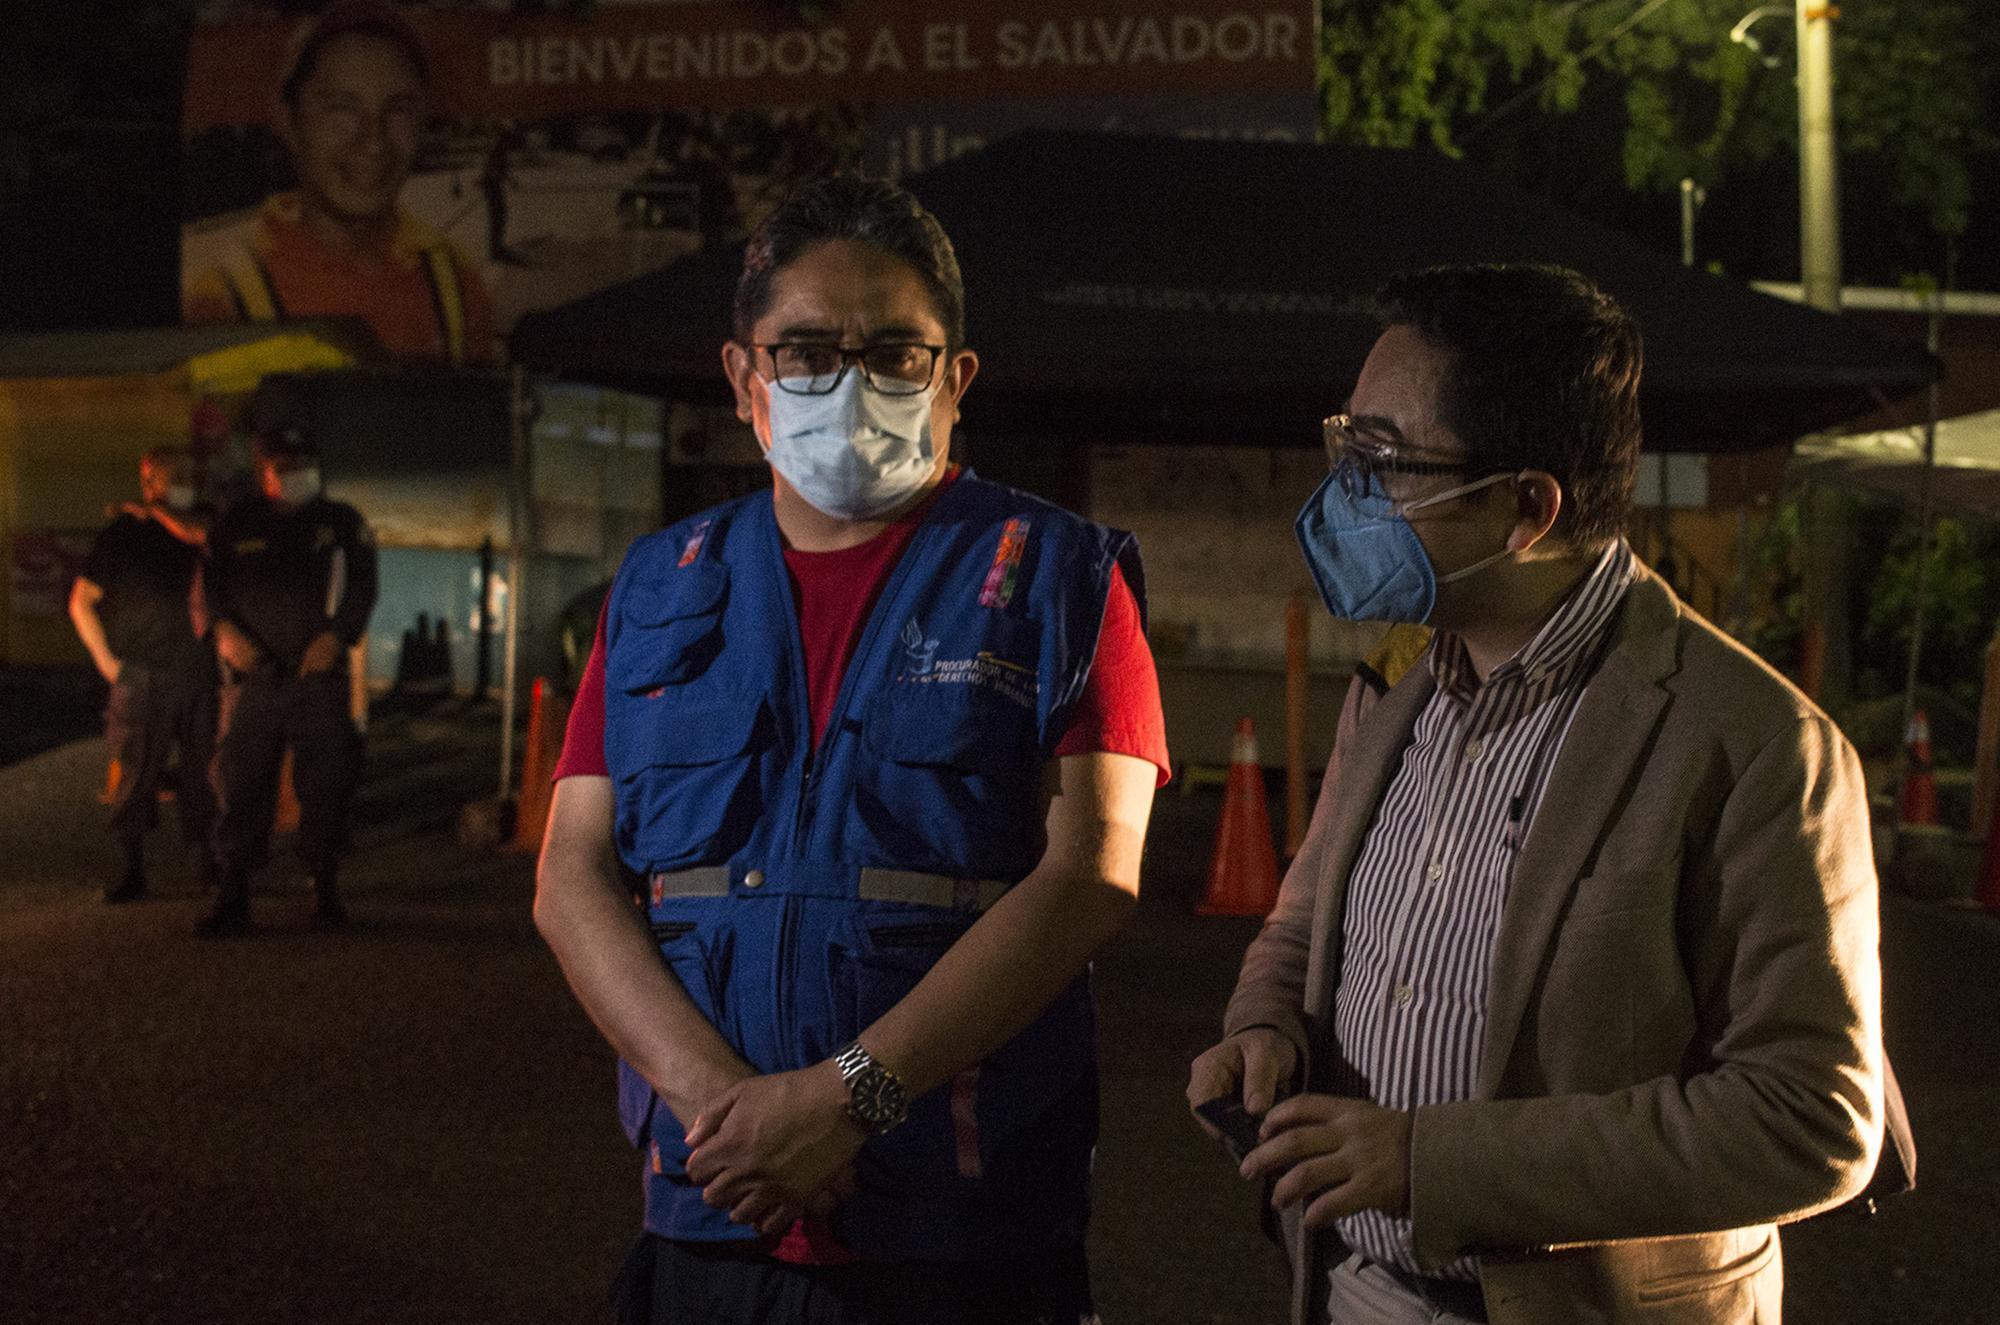 Juan Francisco Sandoval abandonó Guatemala e ingresó a El Salvador la media noche del viernes 23 de julio de 2021, unas horas después de haber sido separado de la Fiscalía Especial Contra la Impunidad (FECI). Sandoval ingresó por la aduana Las Chinamas, en Ahuachapán, y fue acompañado por el embajador de Suecia en Guatemala, Hans Magnusson y el procurador de derechos humanos, Jordán Rodas. Foto de El Faro: Víctor Peña.